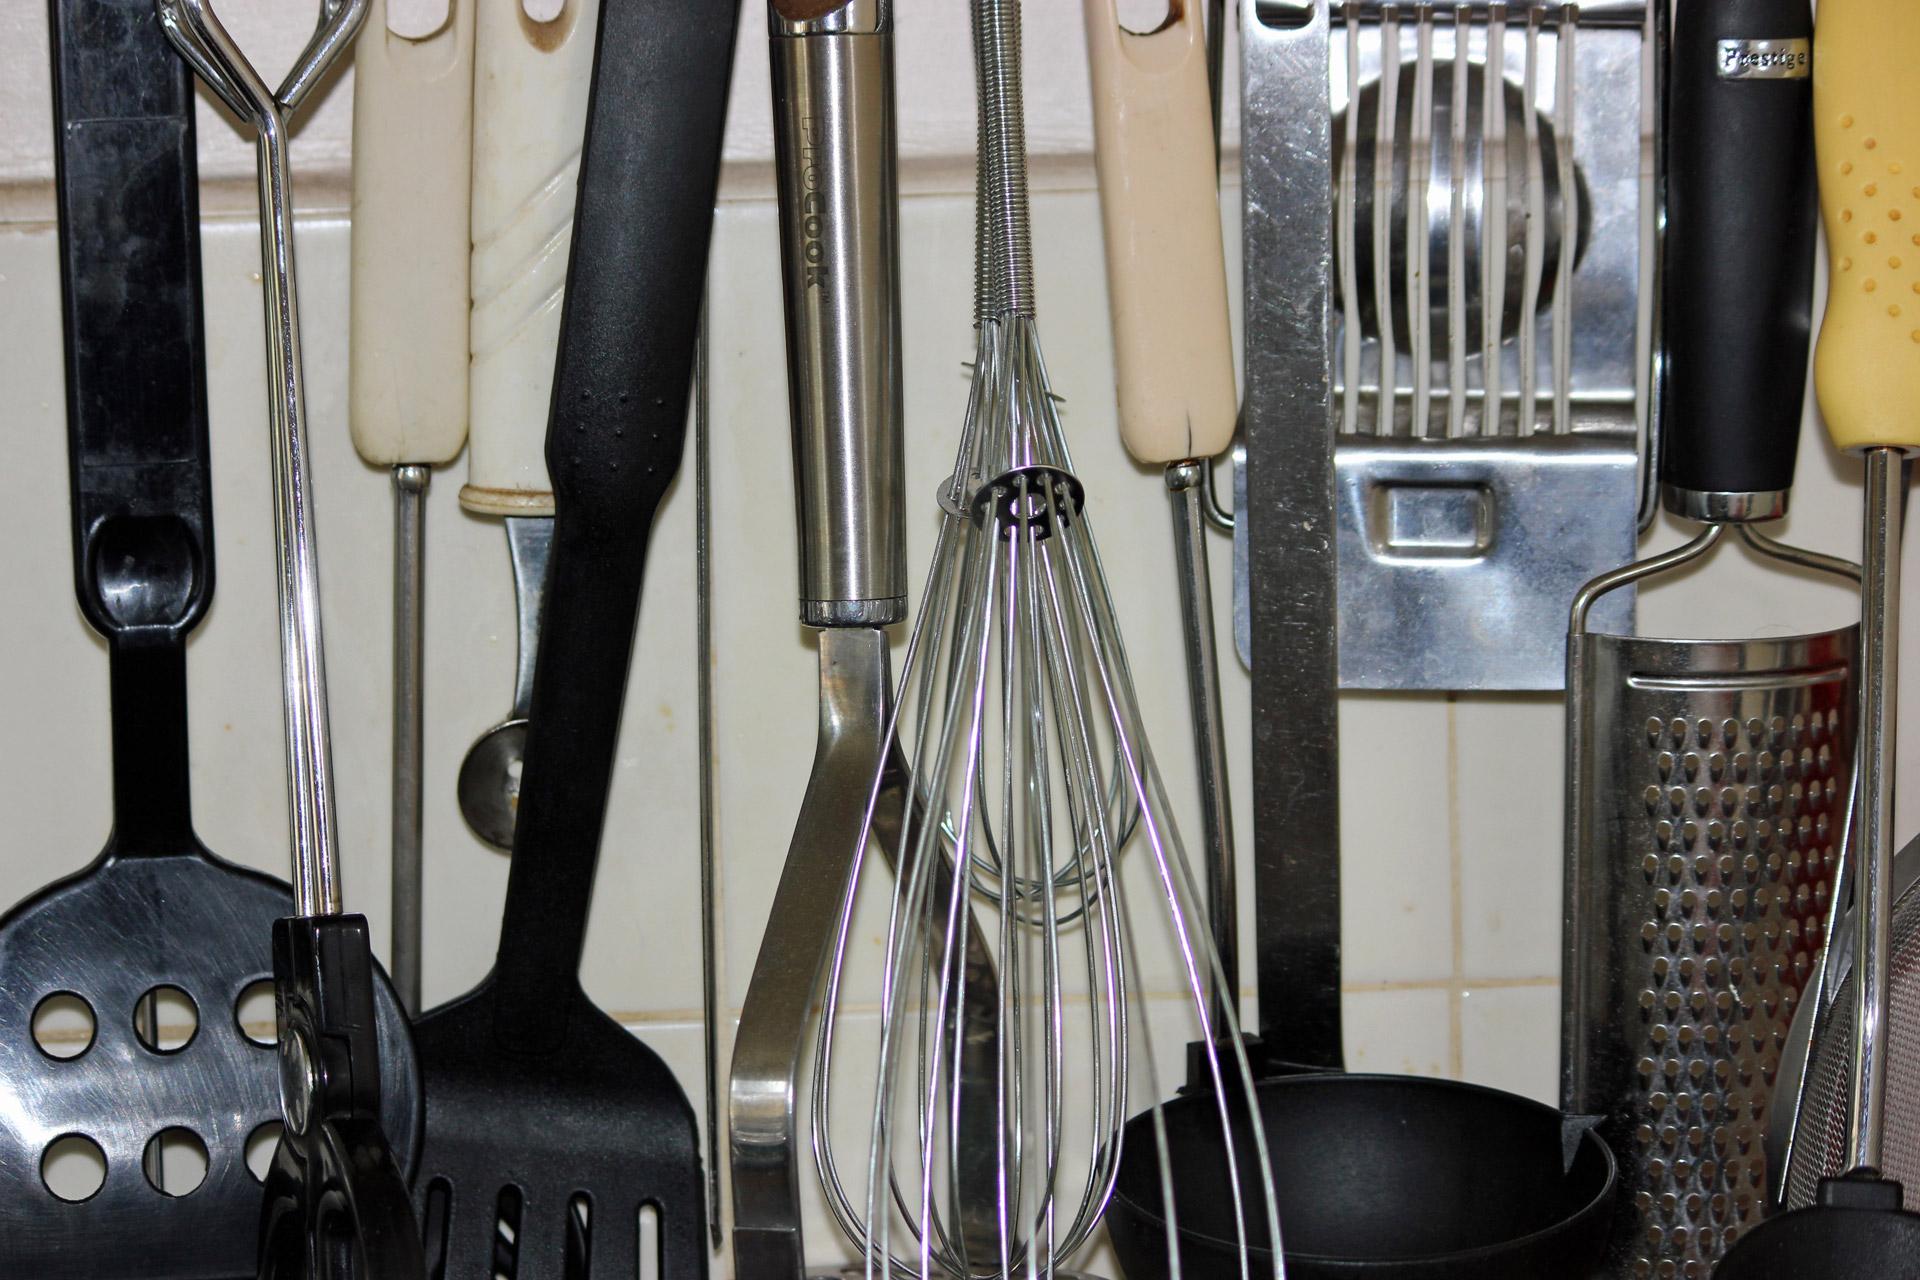 Kitchen_utensils